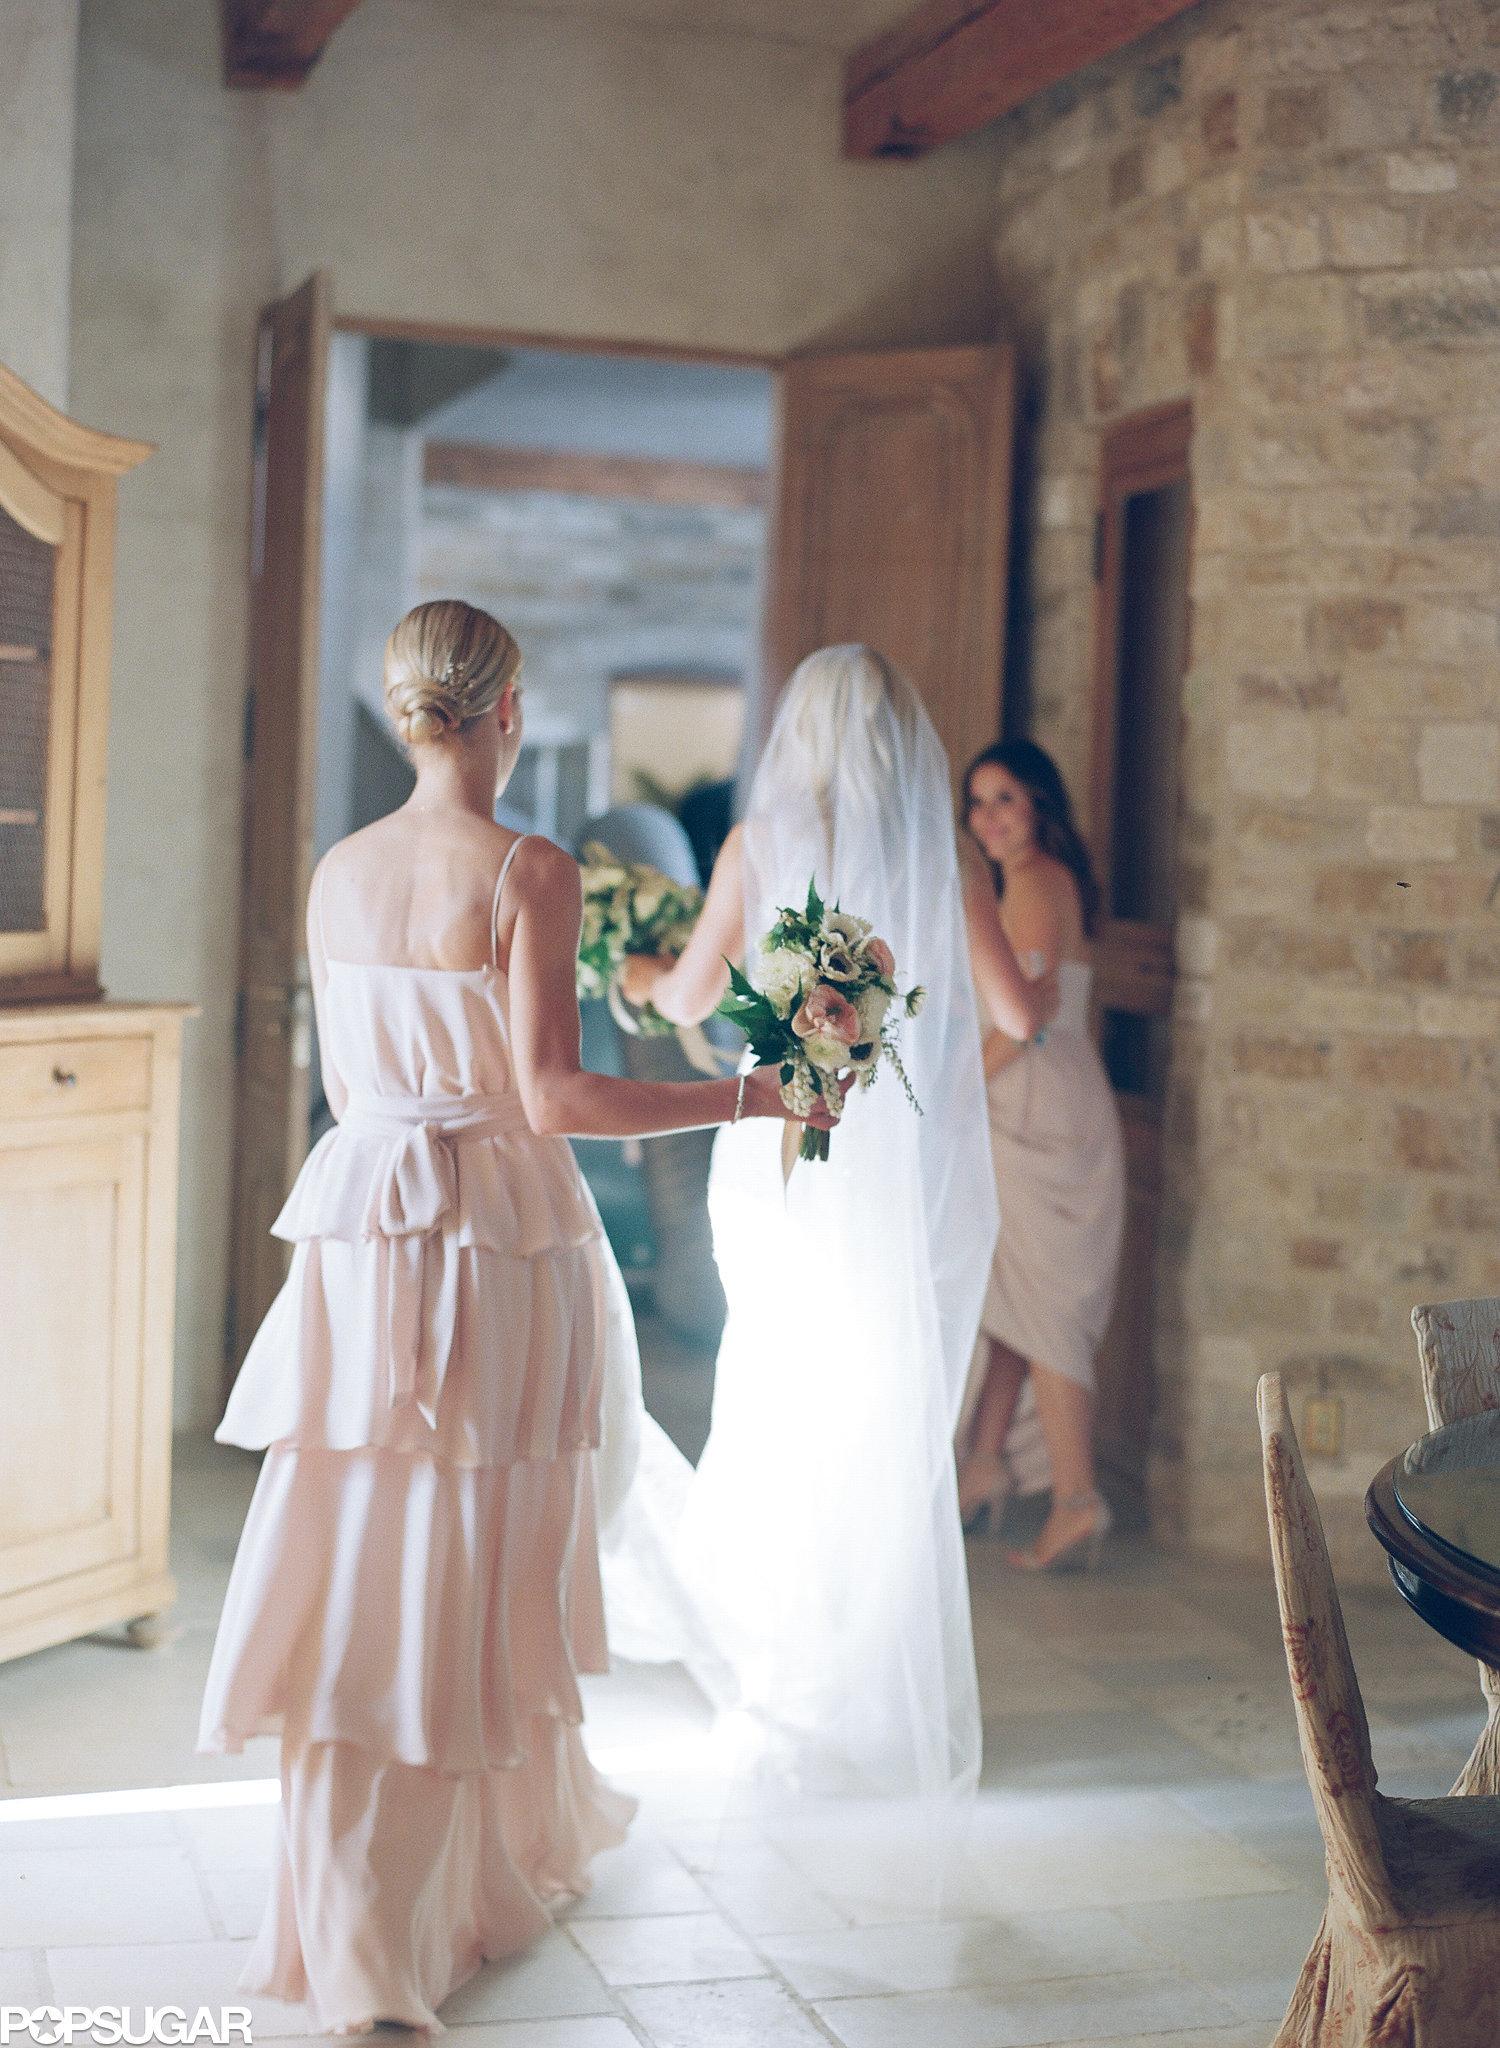 lauren conrad wedding - 660×600